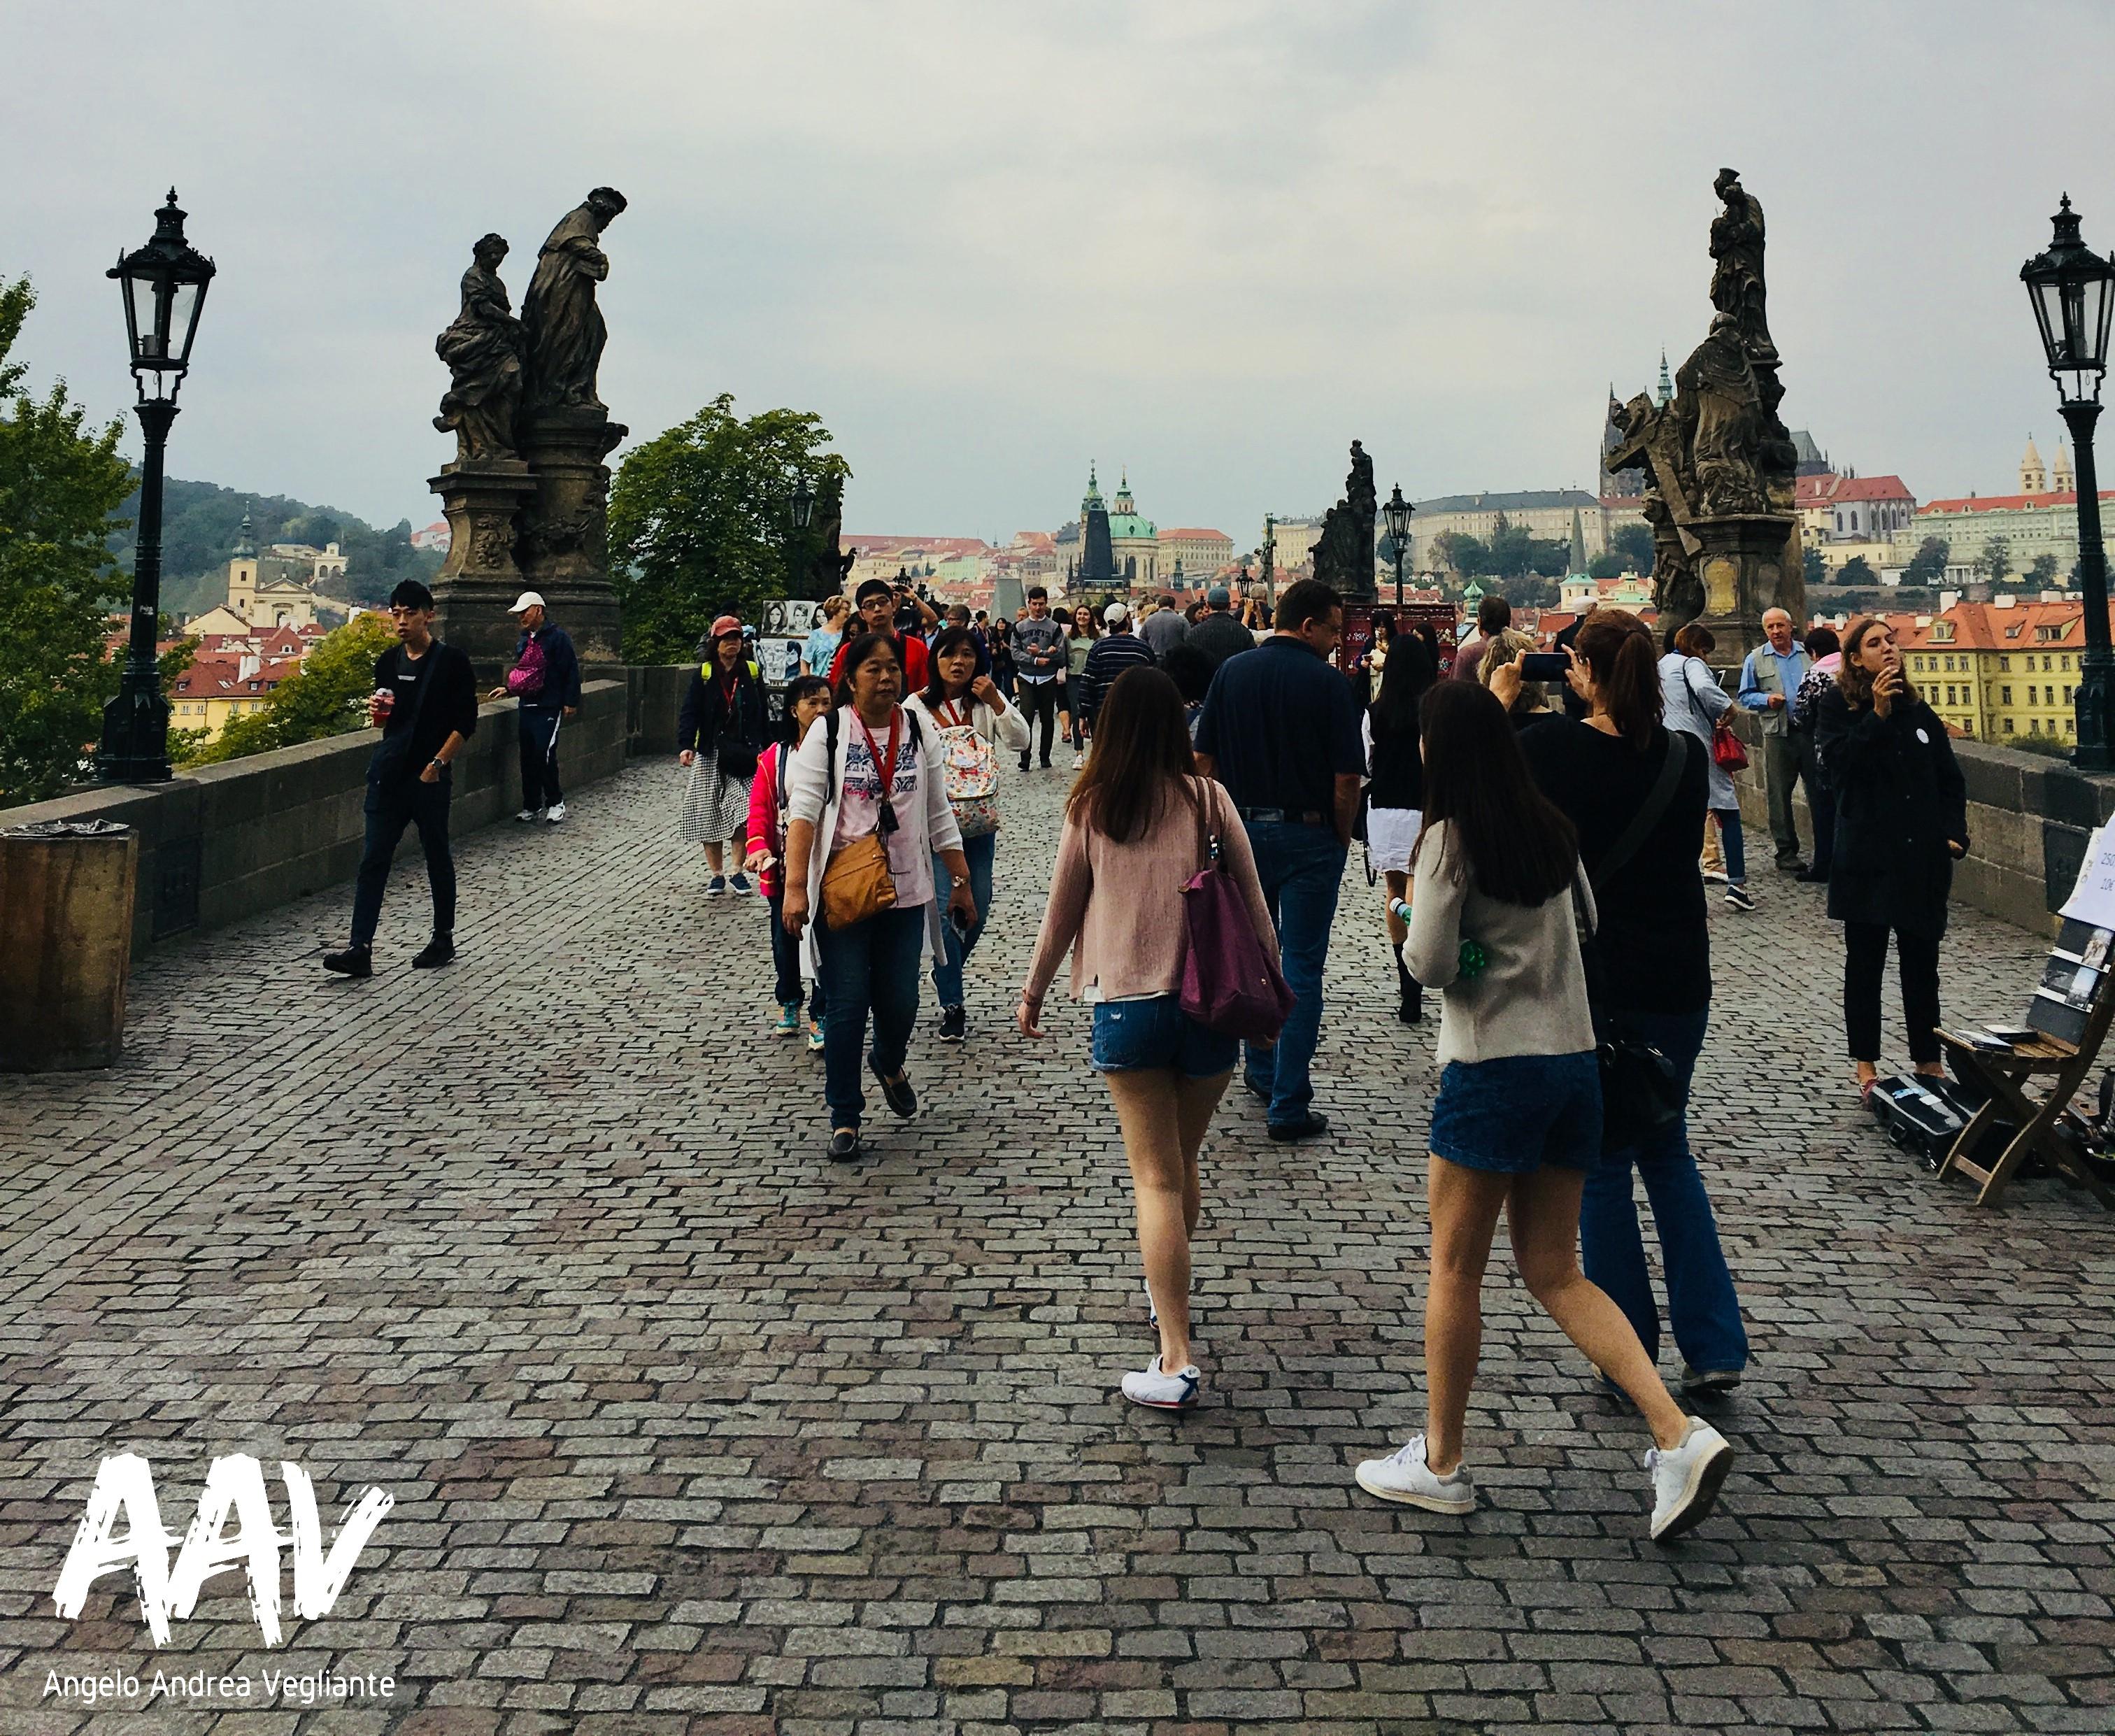 Ponte Carlo-Ponte degli innamorati-Praga-Europa-Viaggio-Angelo Andrea Vegliante-Colui che veglia-energia